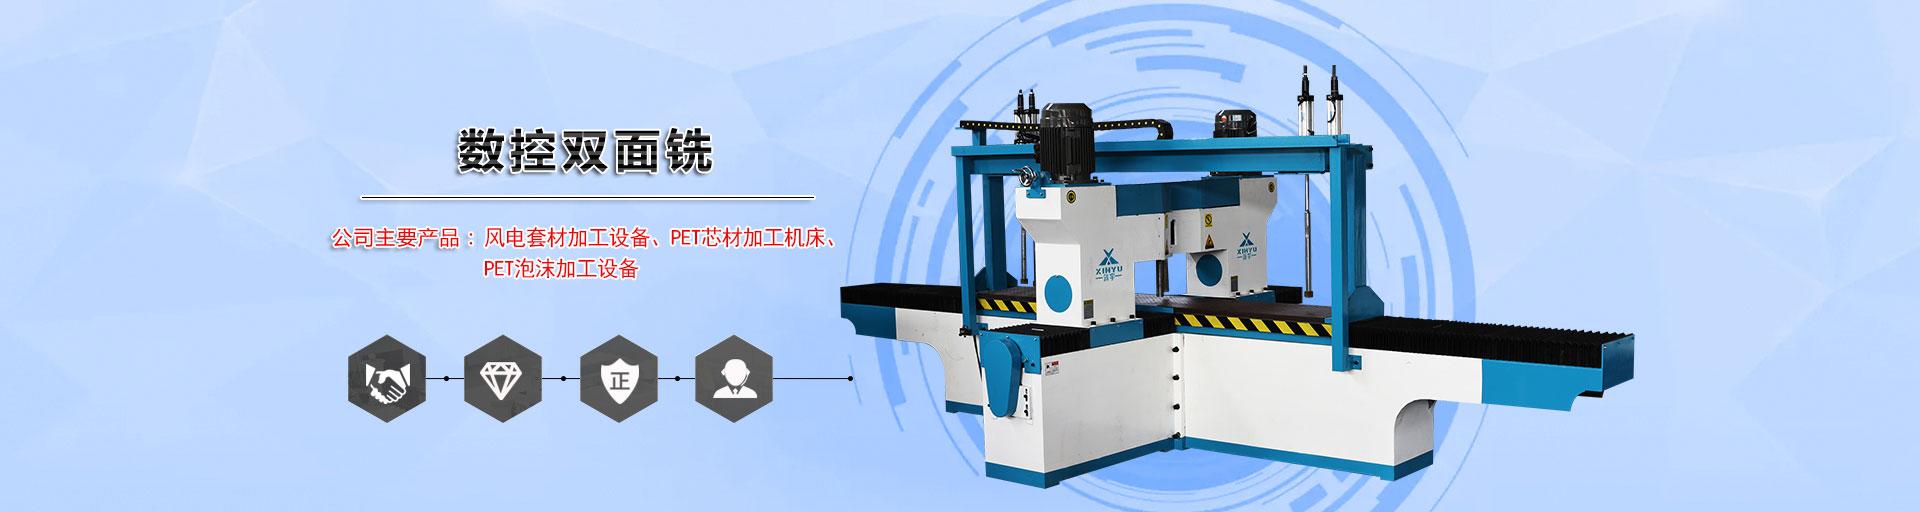 新宇木工机械